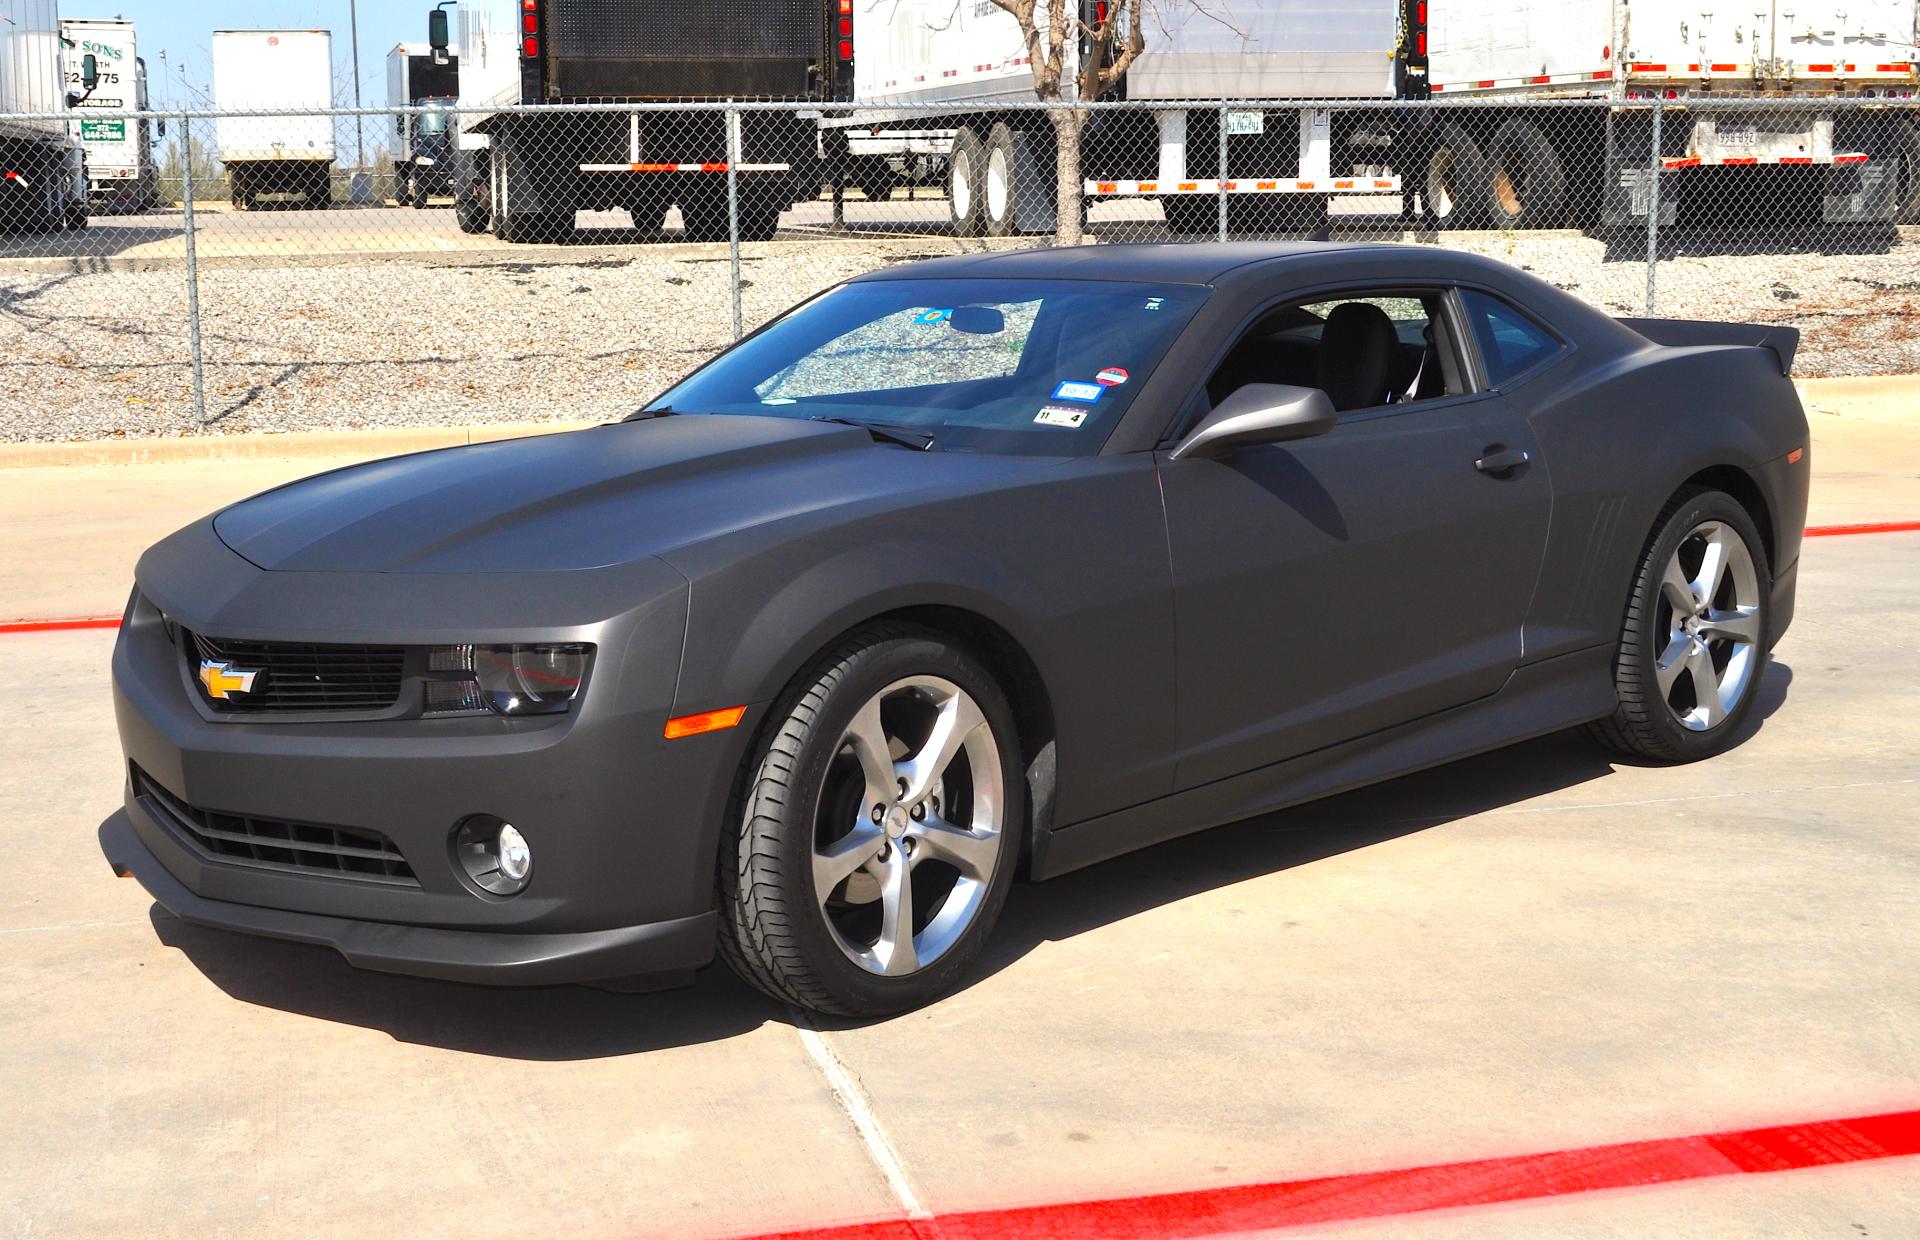 Matte Black Camaro, matte black car wrap, color change car wrap, matte wrap Dallas, matte wrap Ft Worth, Matte wrap denton, matte wrap lewisville, matte wrap irving, matte wrap arlington